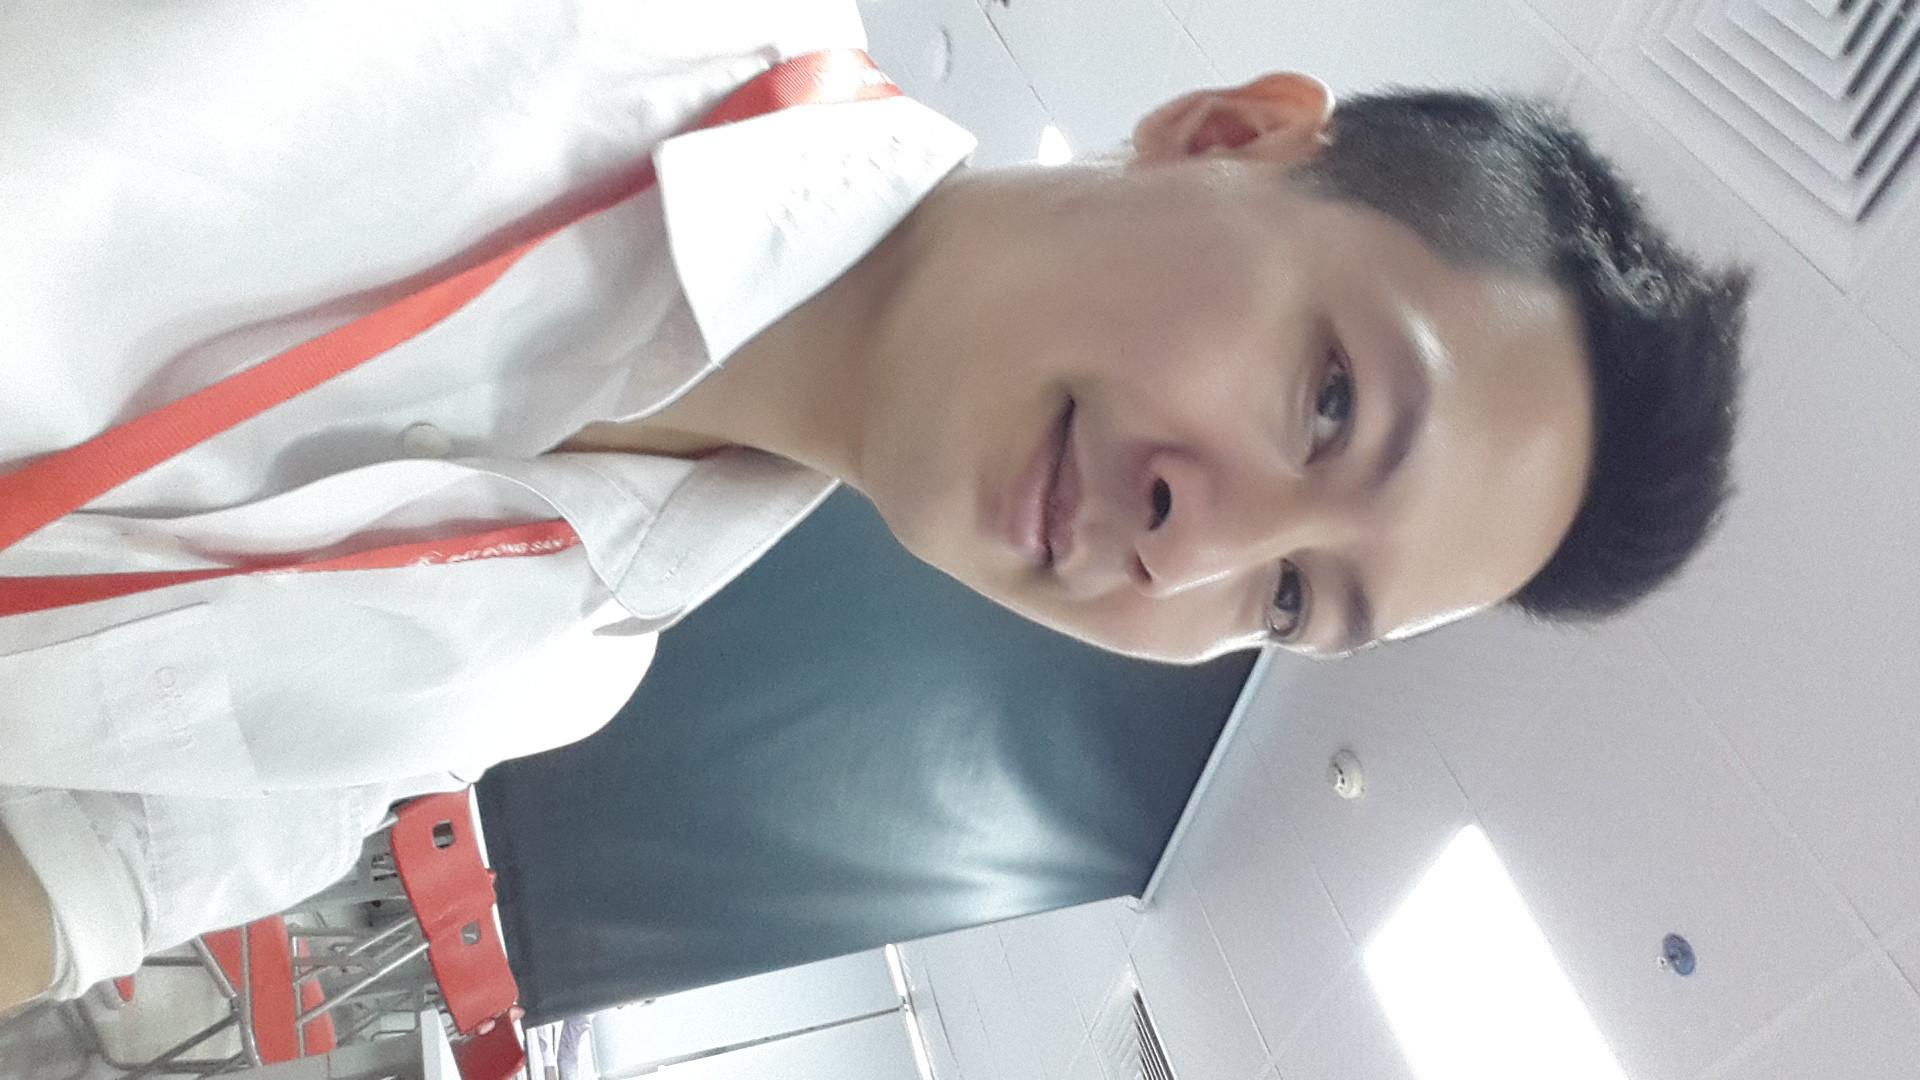 Nguyễn Khánh Nguyên Sơn